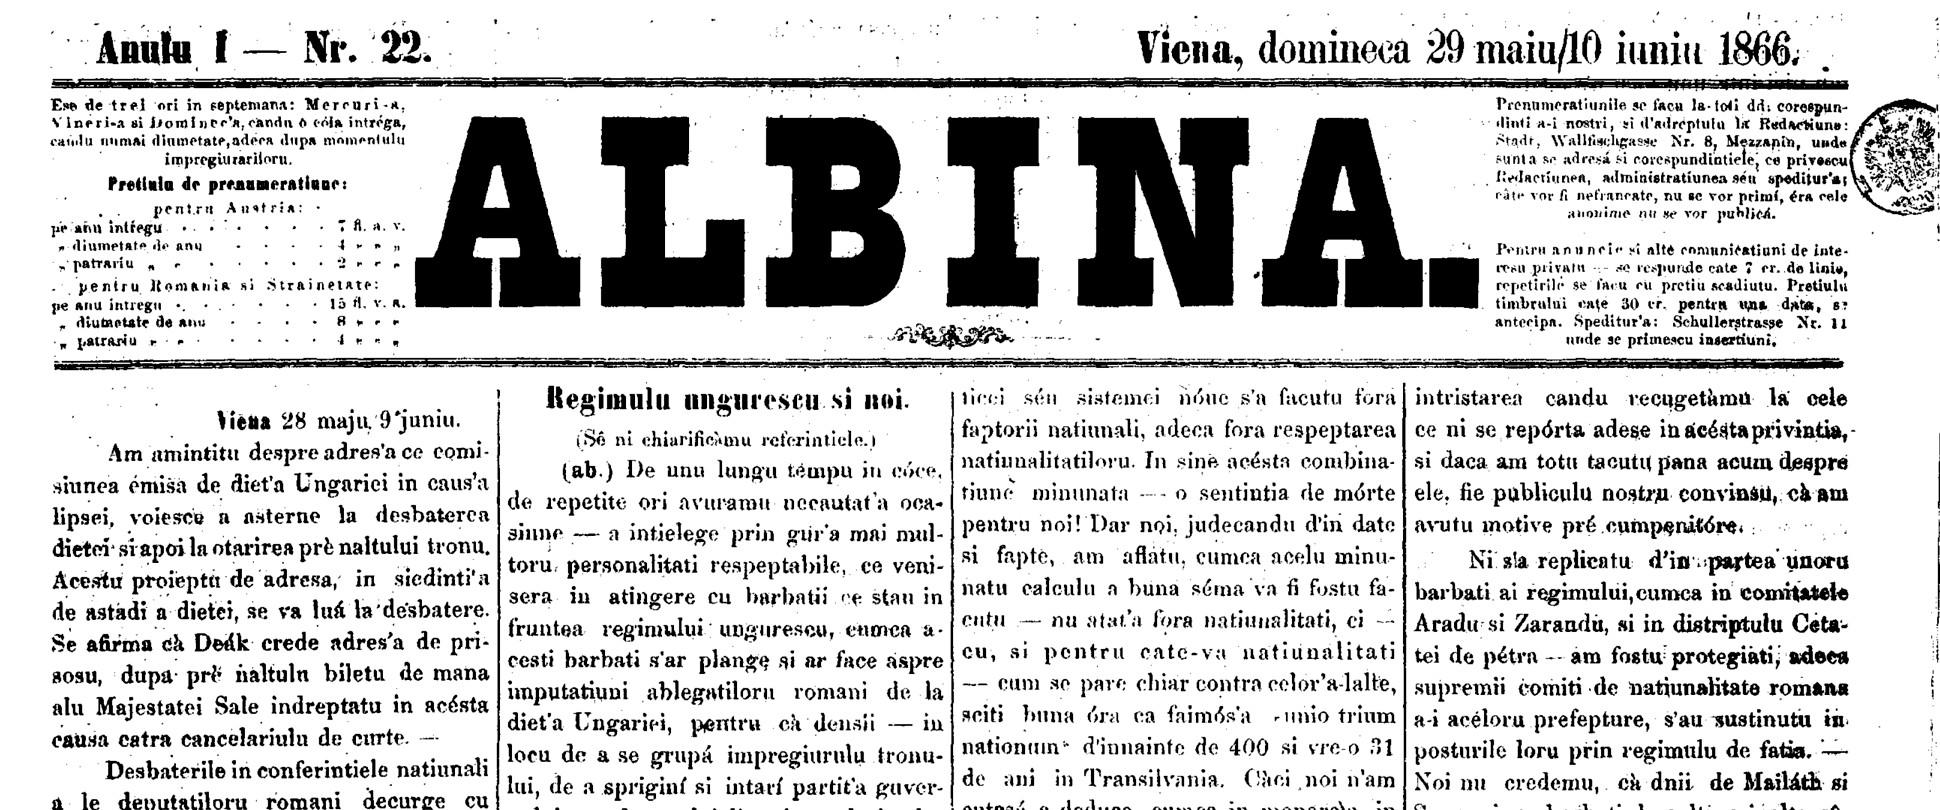 1866 mai ex 3-1